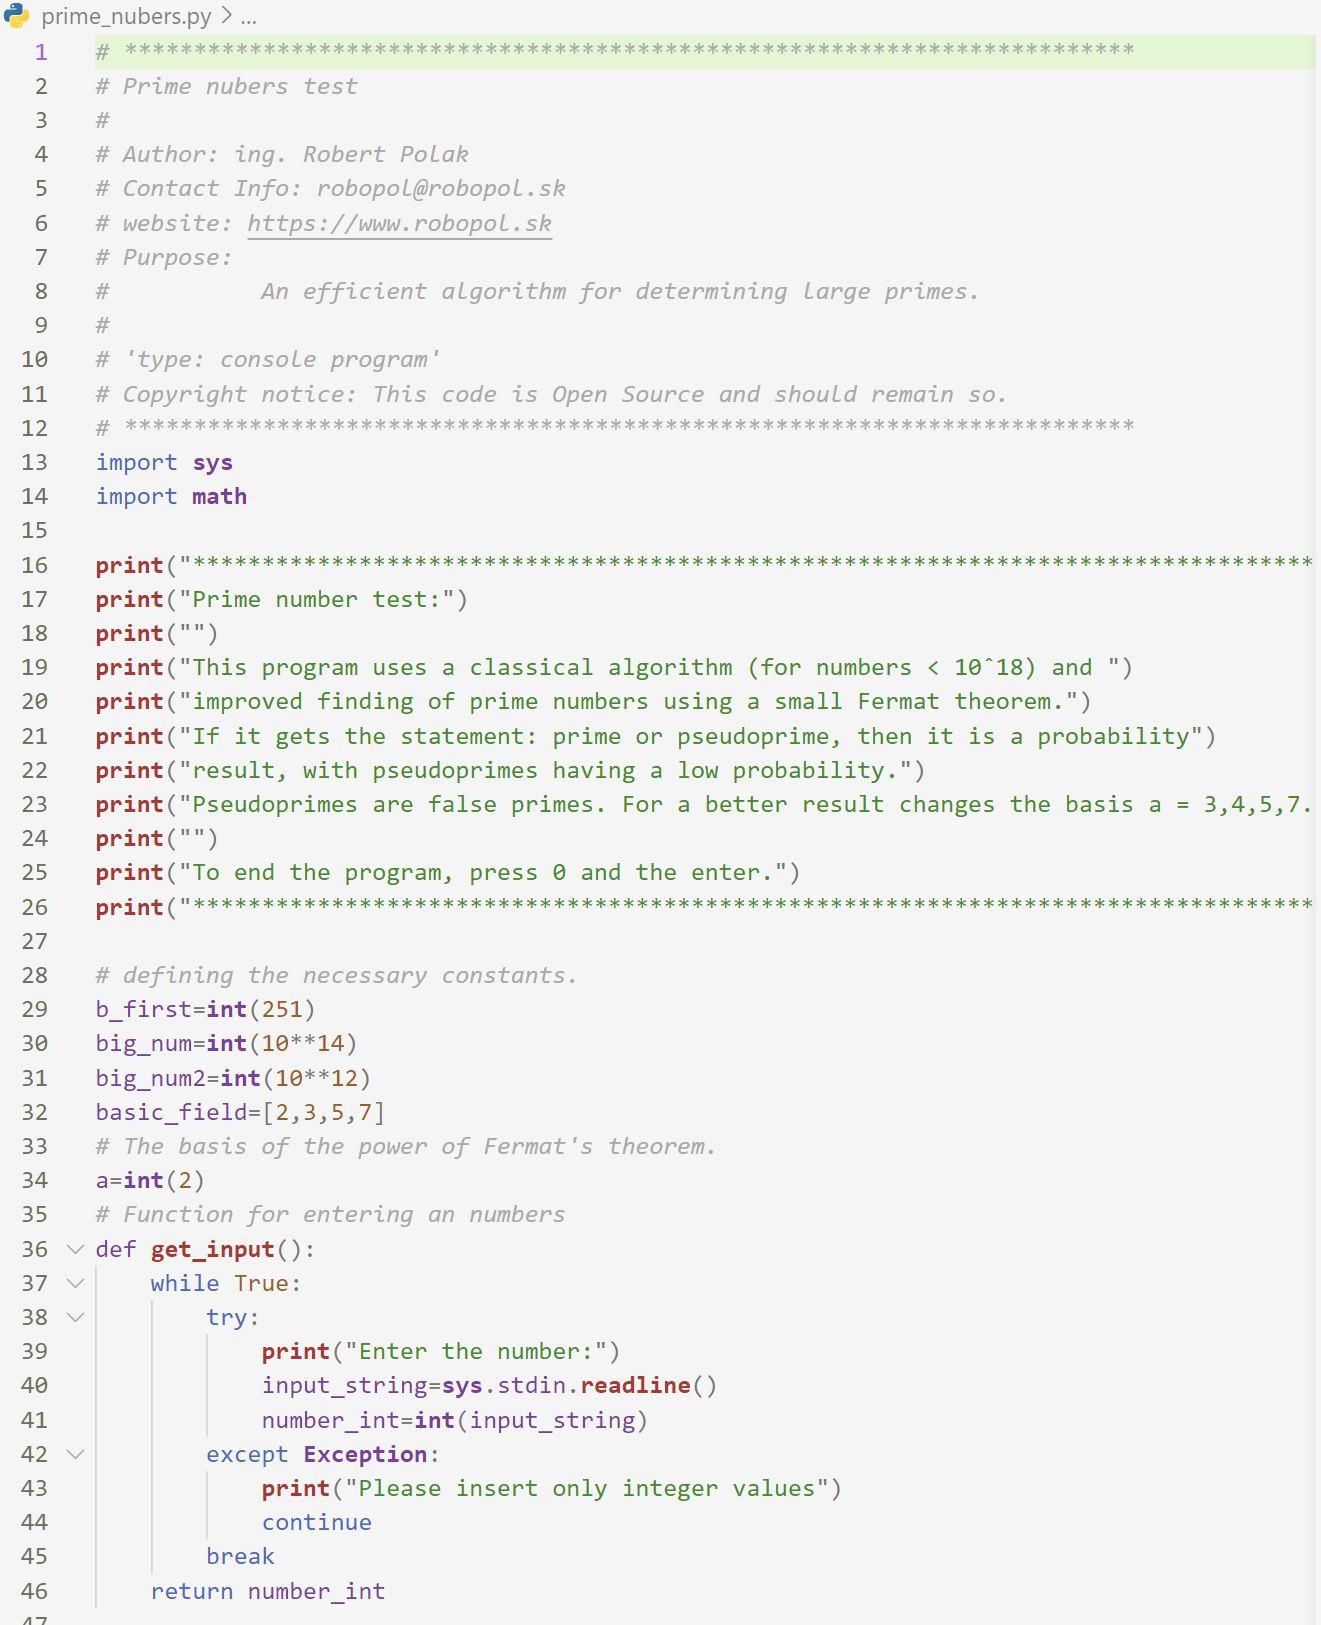 prime_numbers_pyjpg